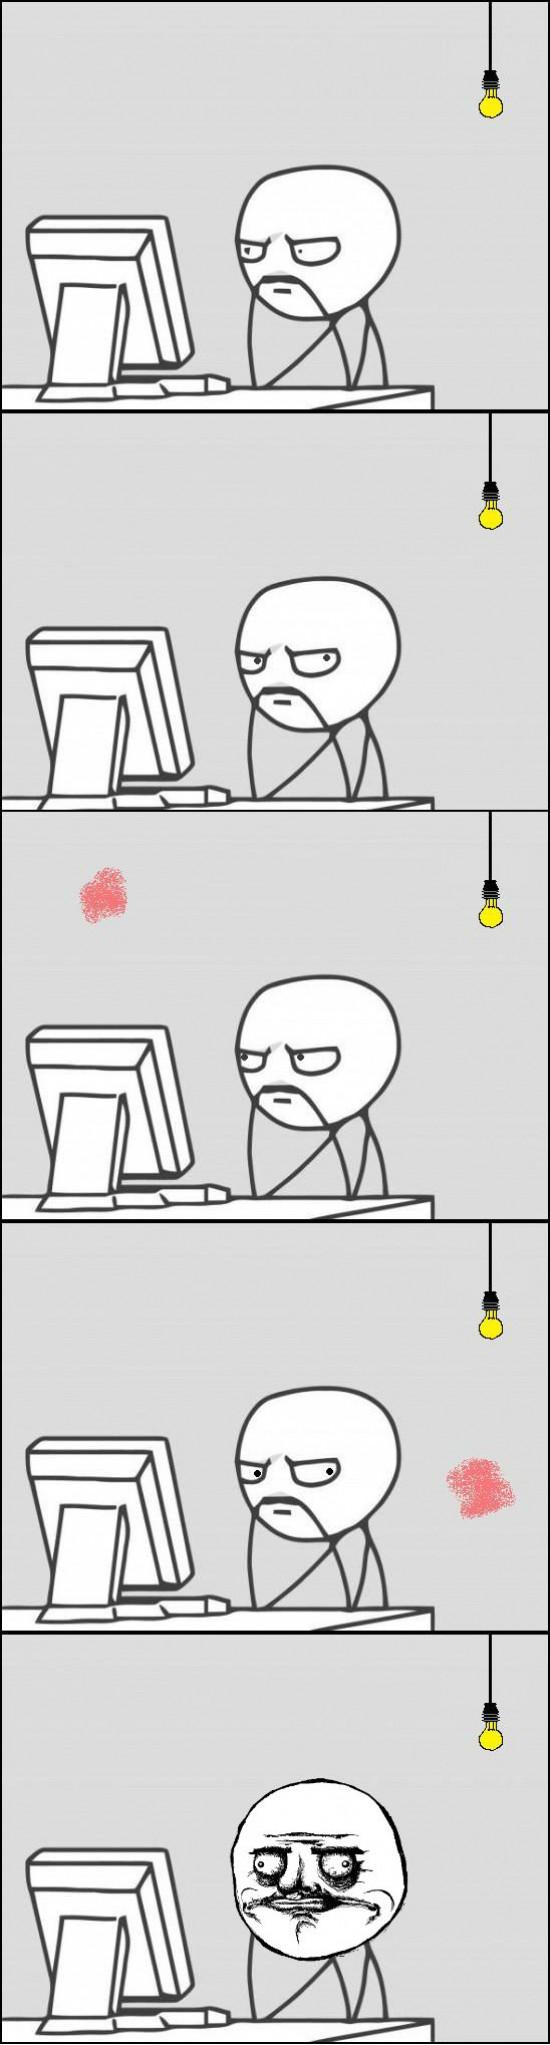 Computer_guy - Cuando se te ocurre mirar la luz fijamente, esa mancha que te sigue